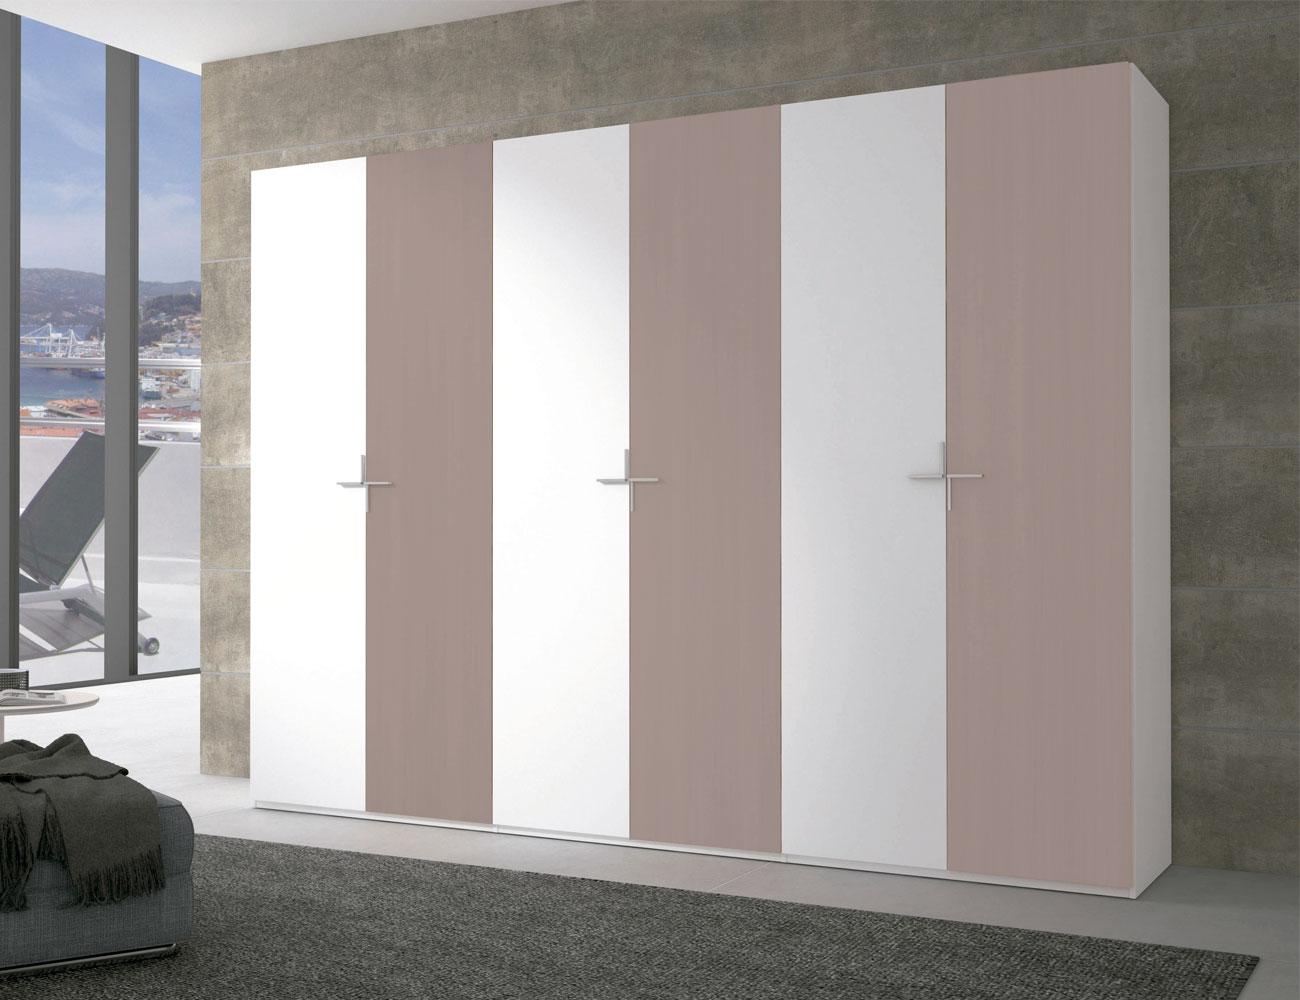 Armario puertas abatibles moka blanco7